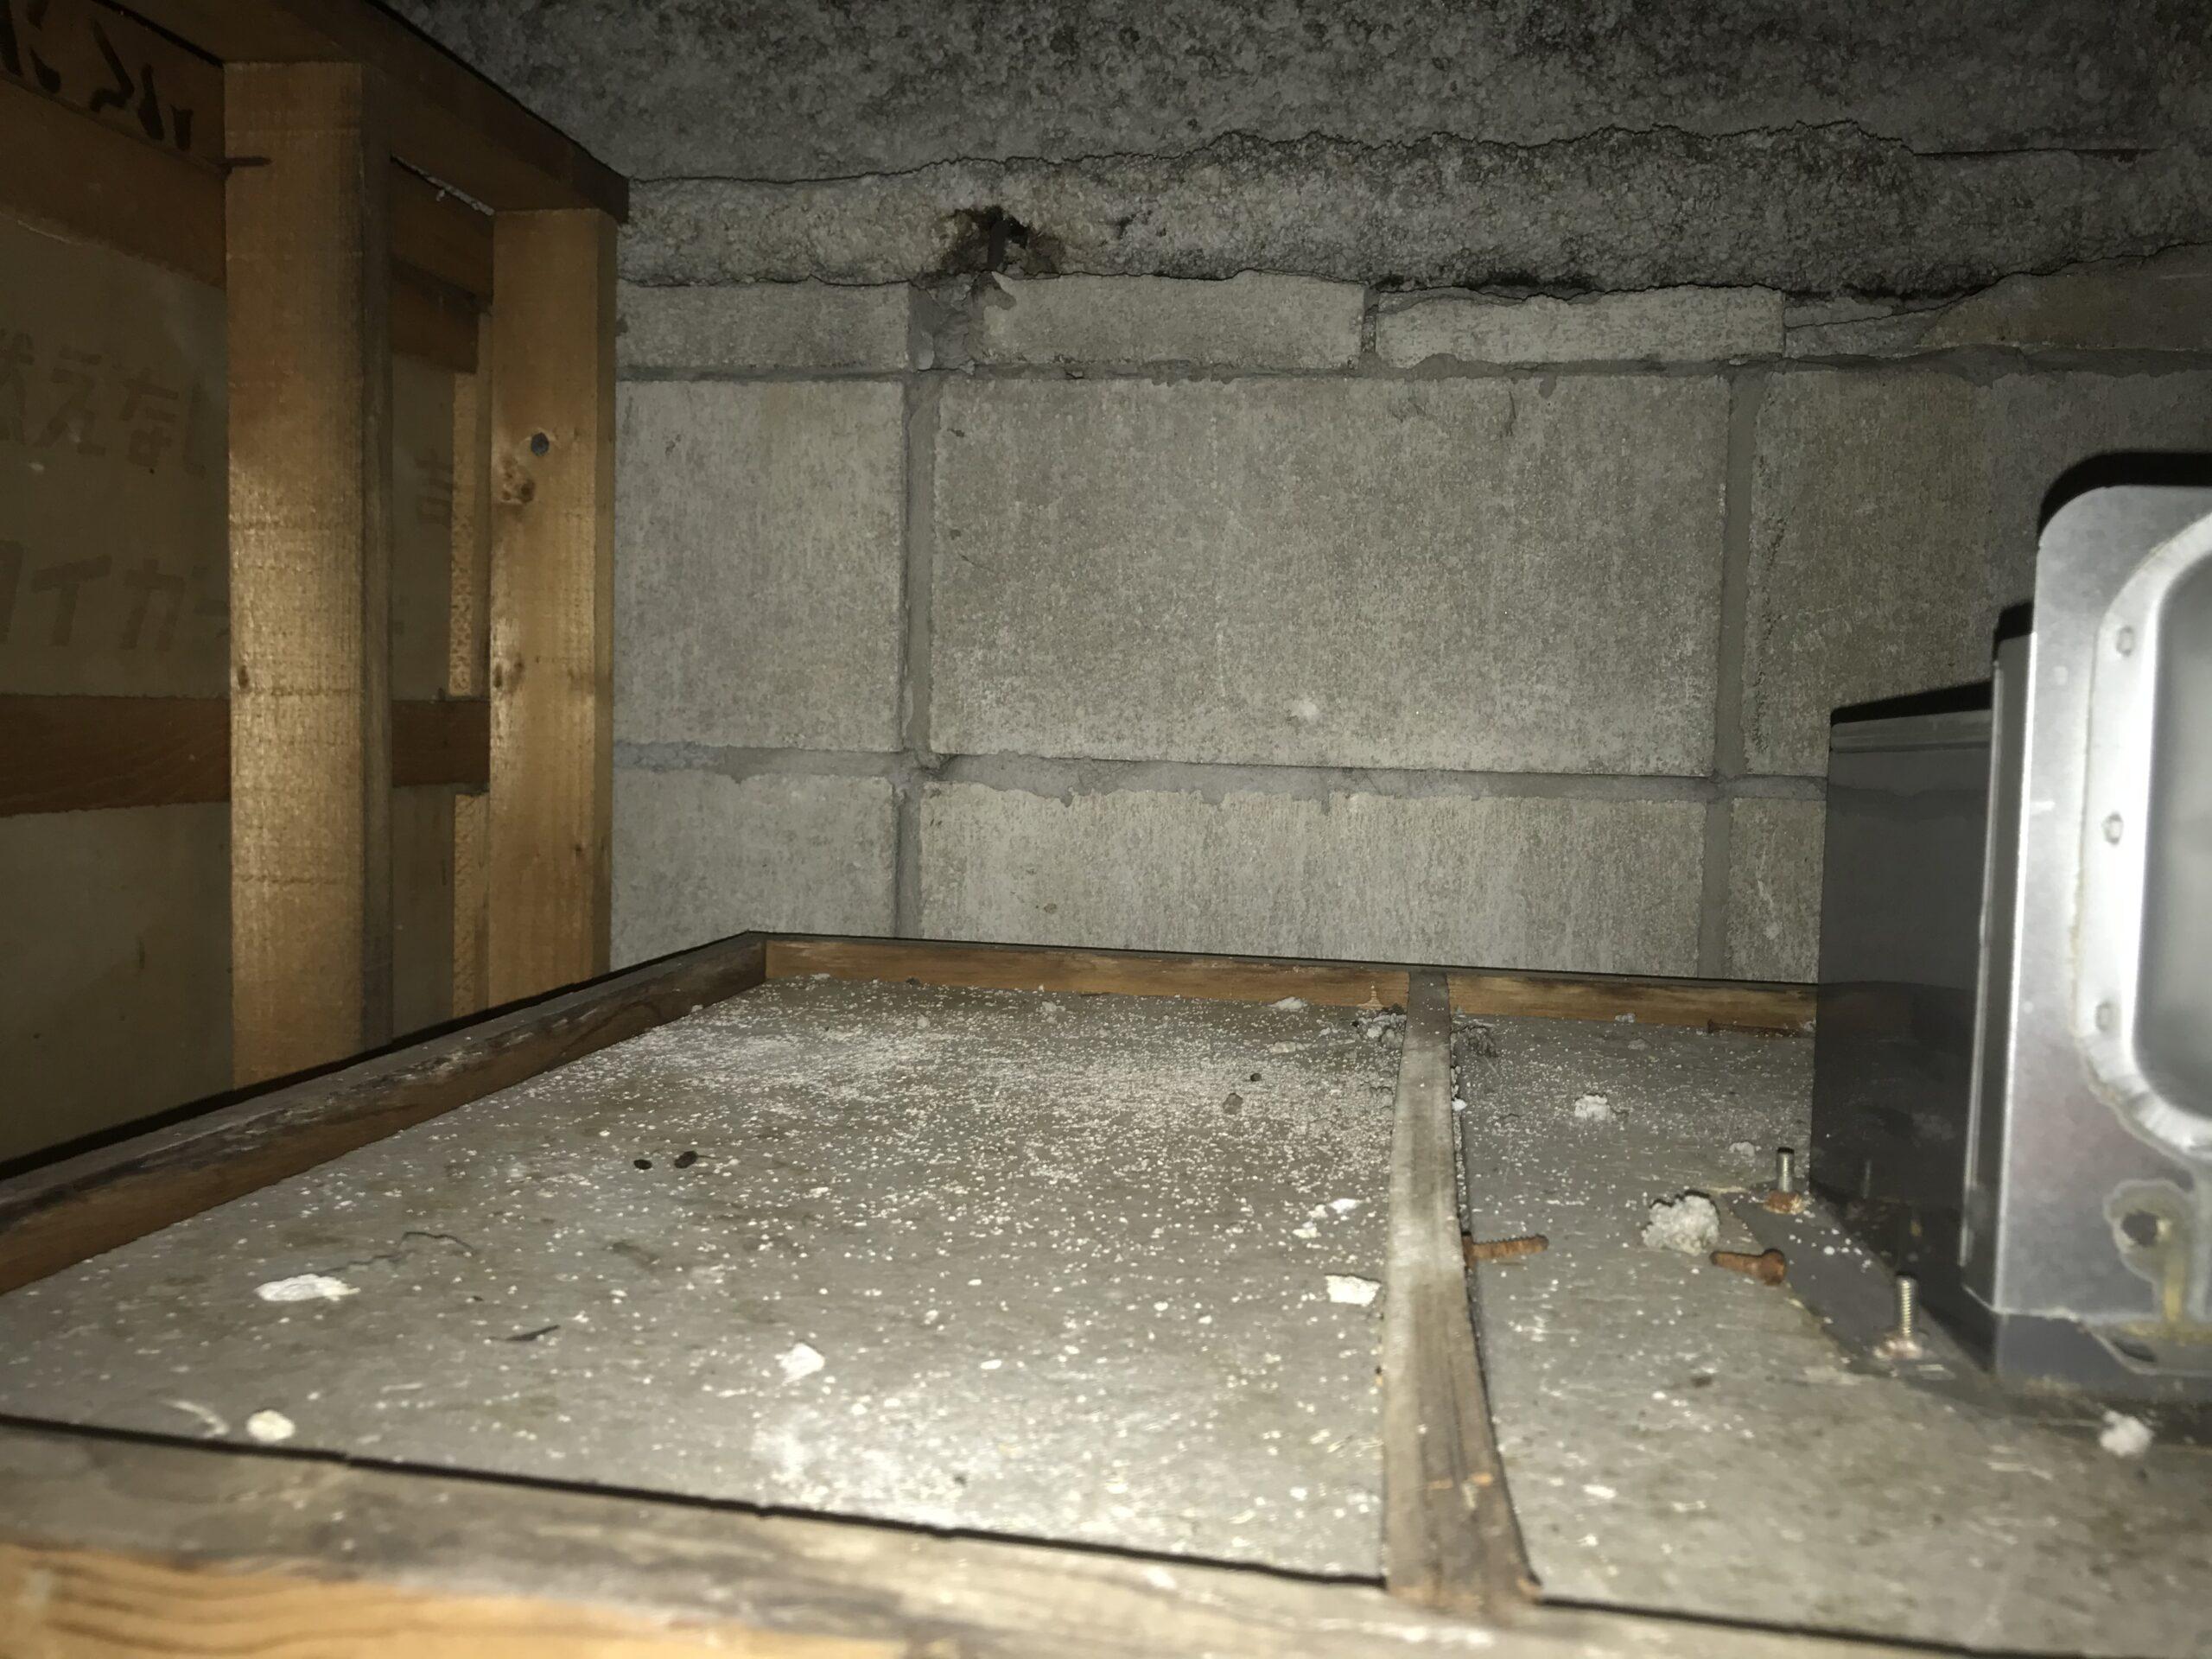 千葉県船橋市のK様のネズミ駆除:施工前